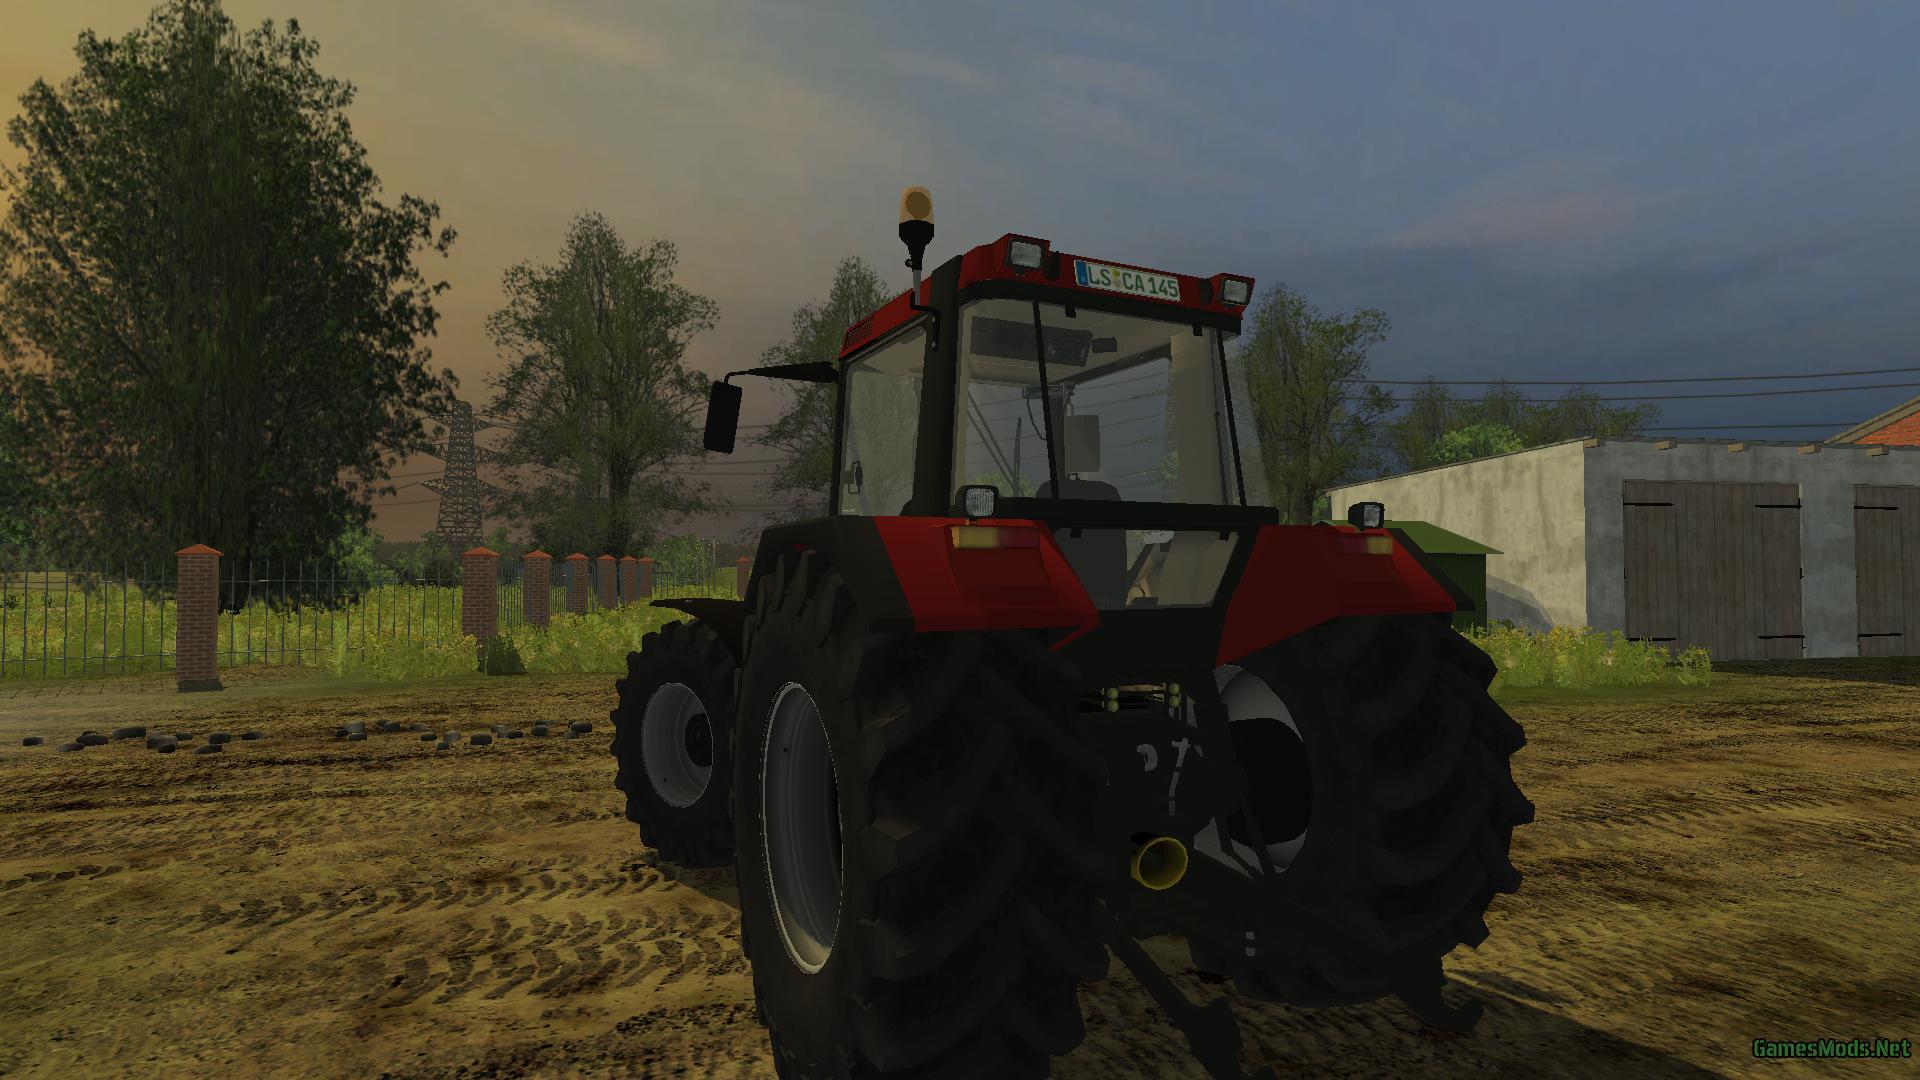 FS19 AGCO Ideal LE Mod - Farming Simulator 19 Mods